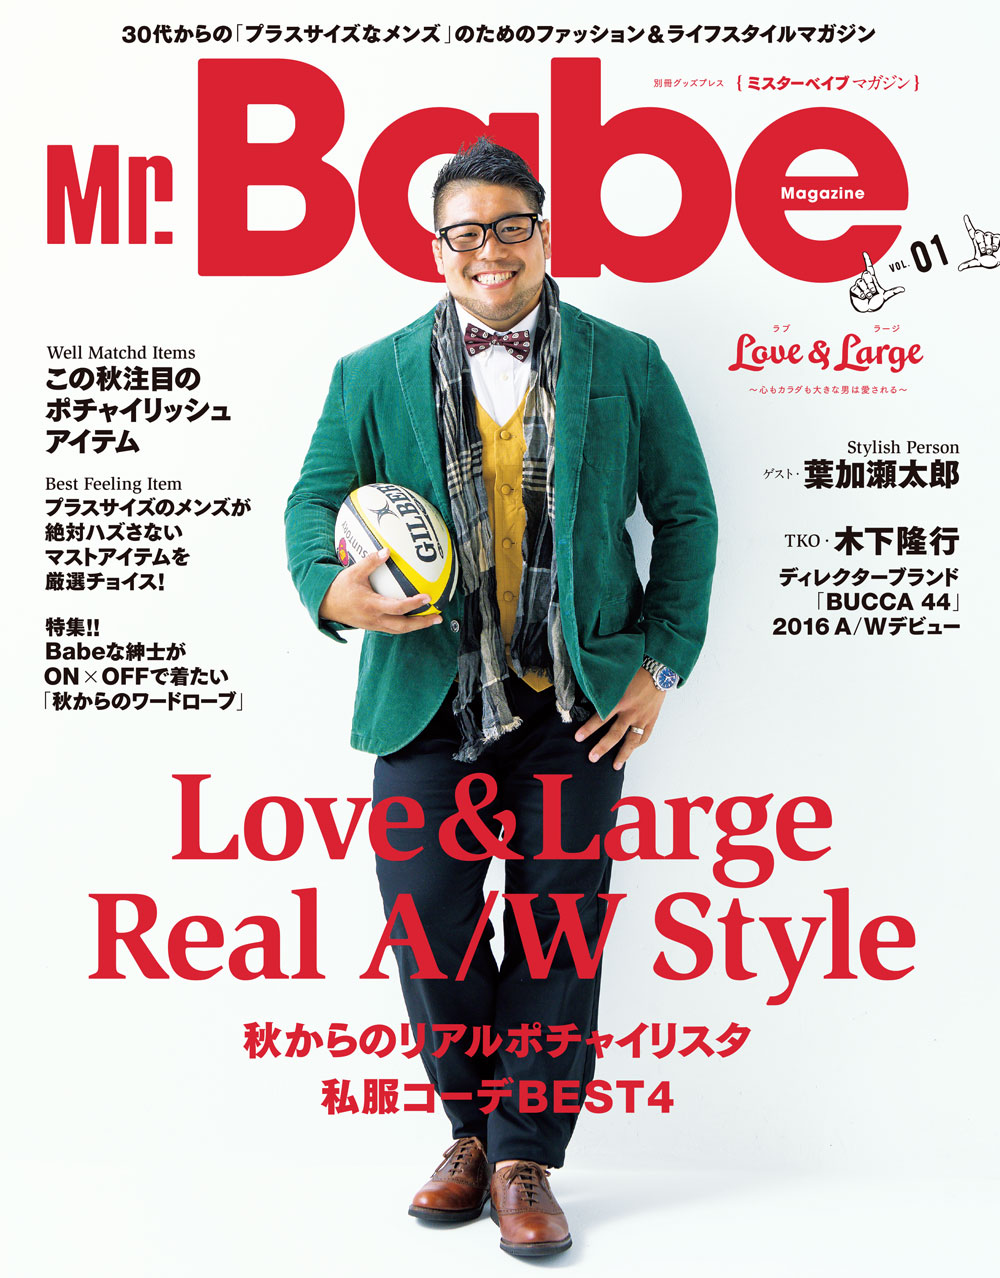 日本初!\u201cポッチャリ系メンズ\u201d のためのファッション雑誌「Mr